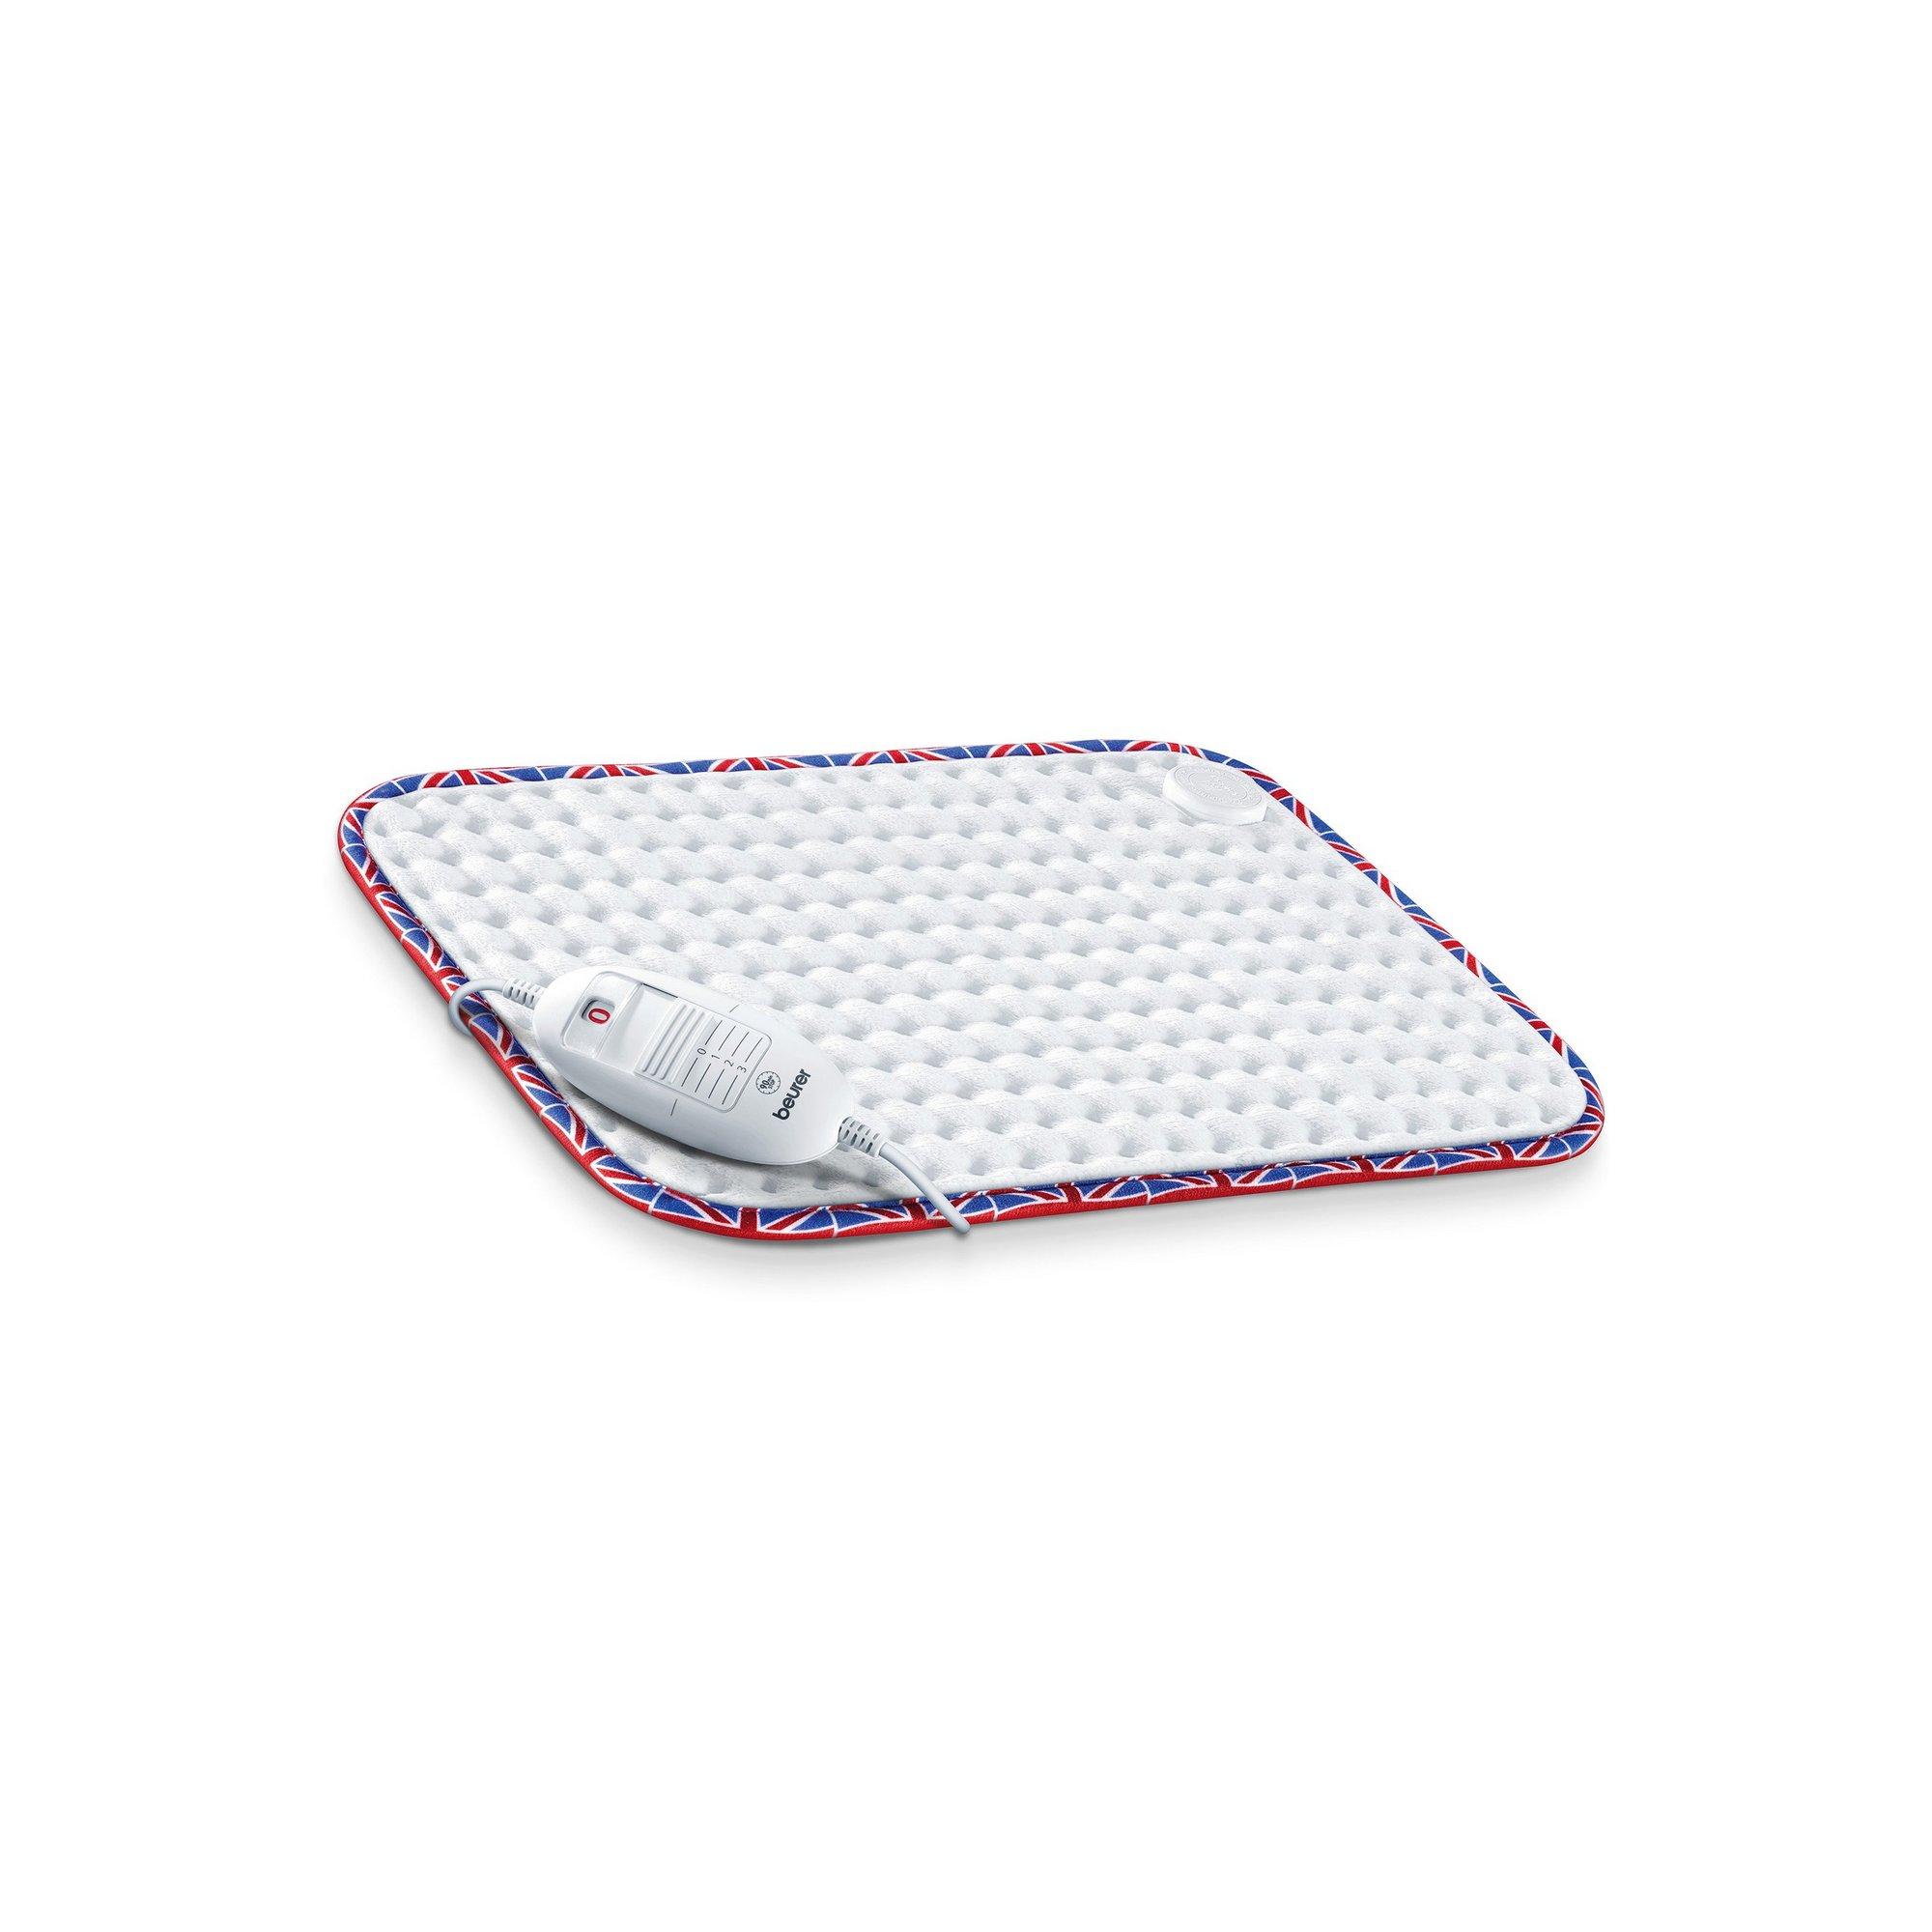 Image of Beurer Luxury Heat Pad